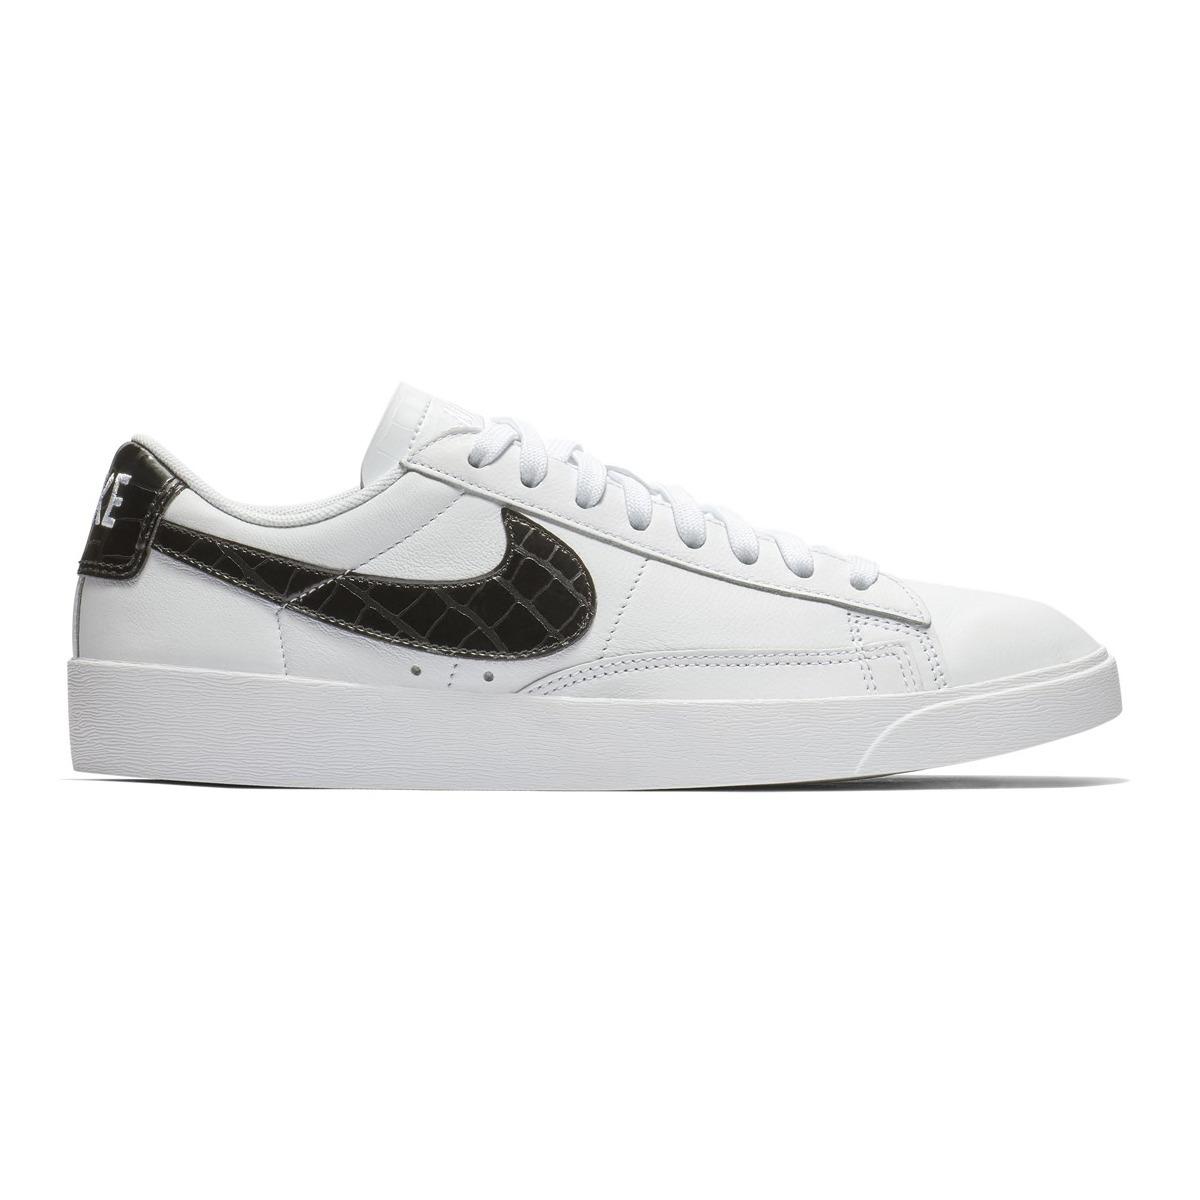 Zapatillas casual de mujer Blazer Low Nike